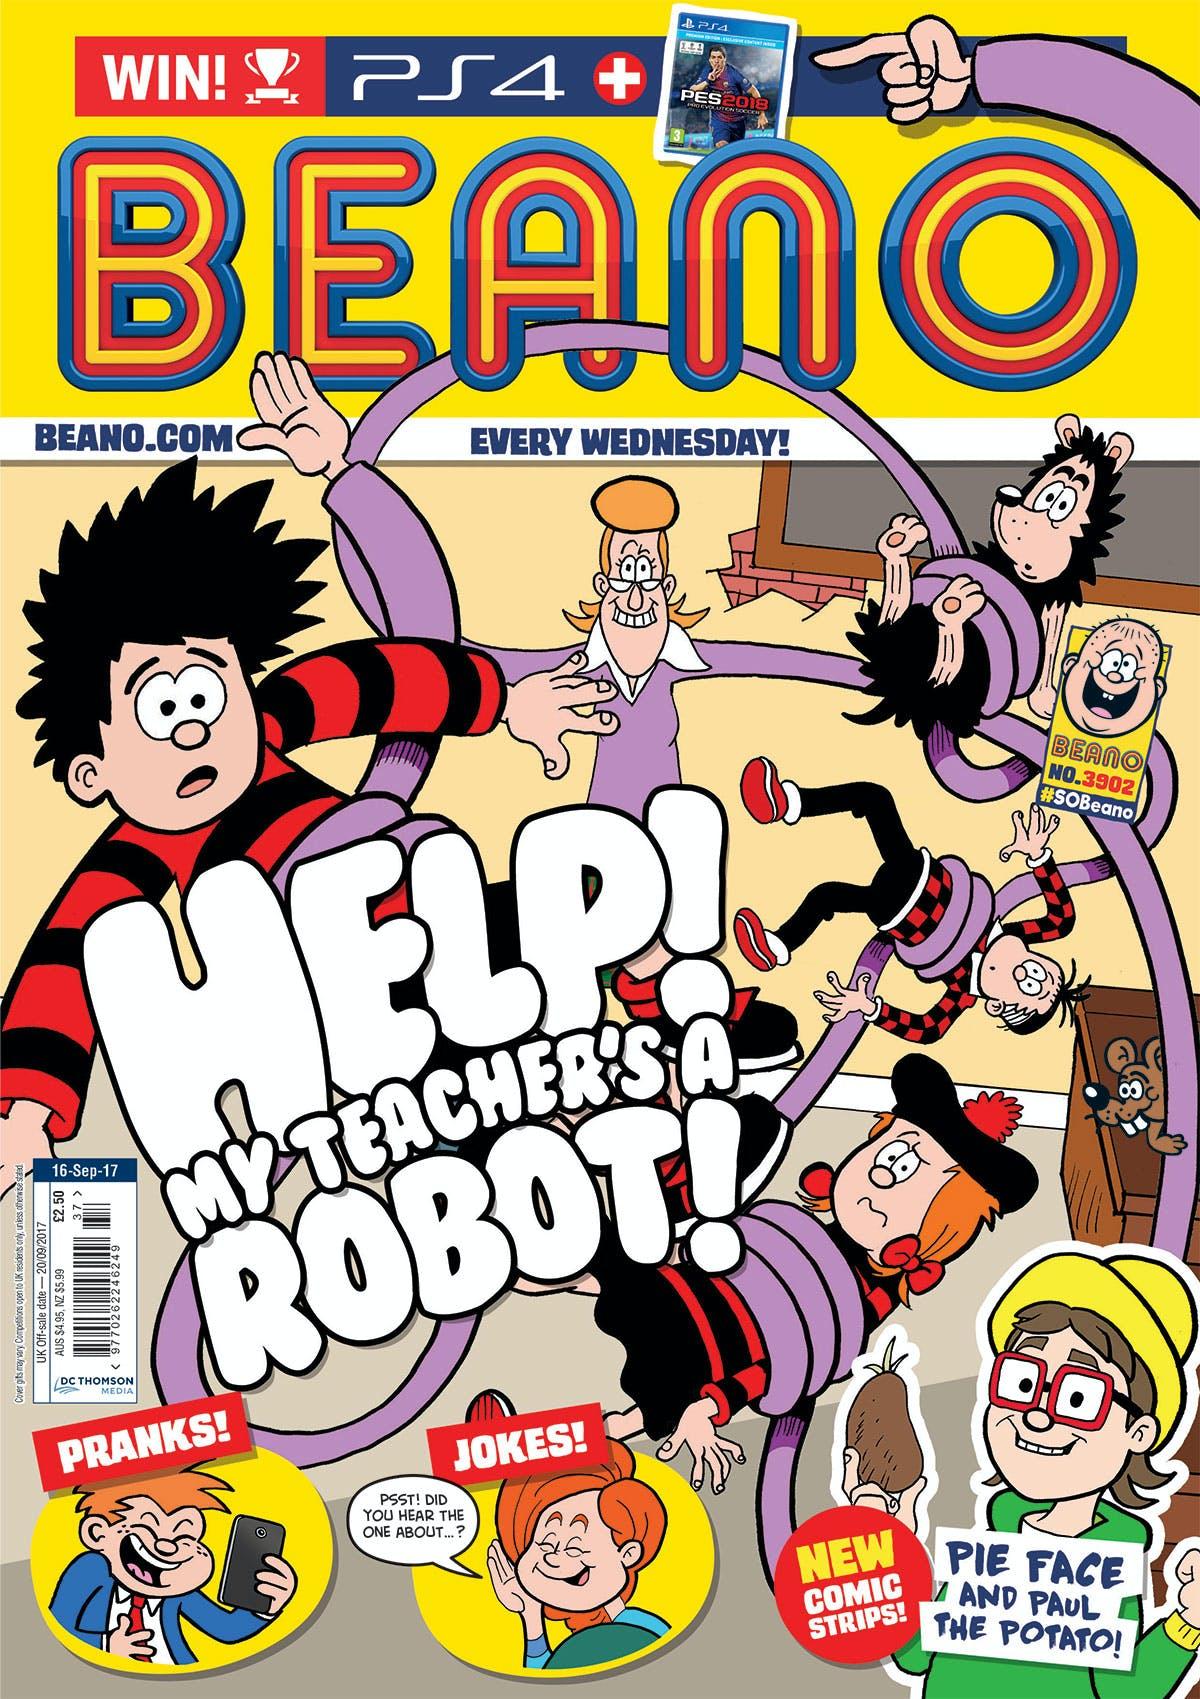 Beano No. 3902 cover - 16.9.17